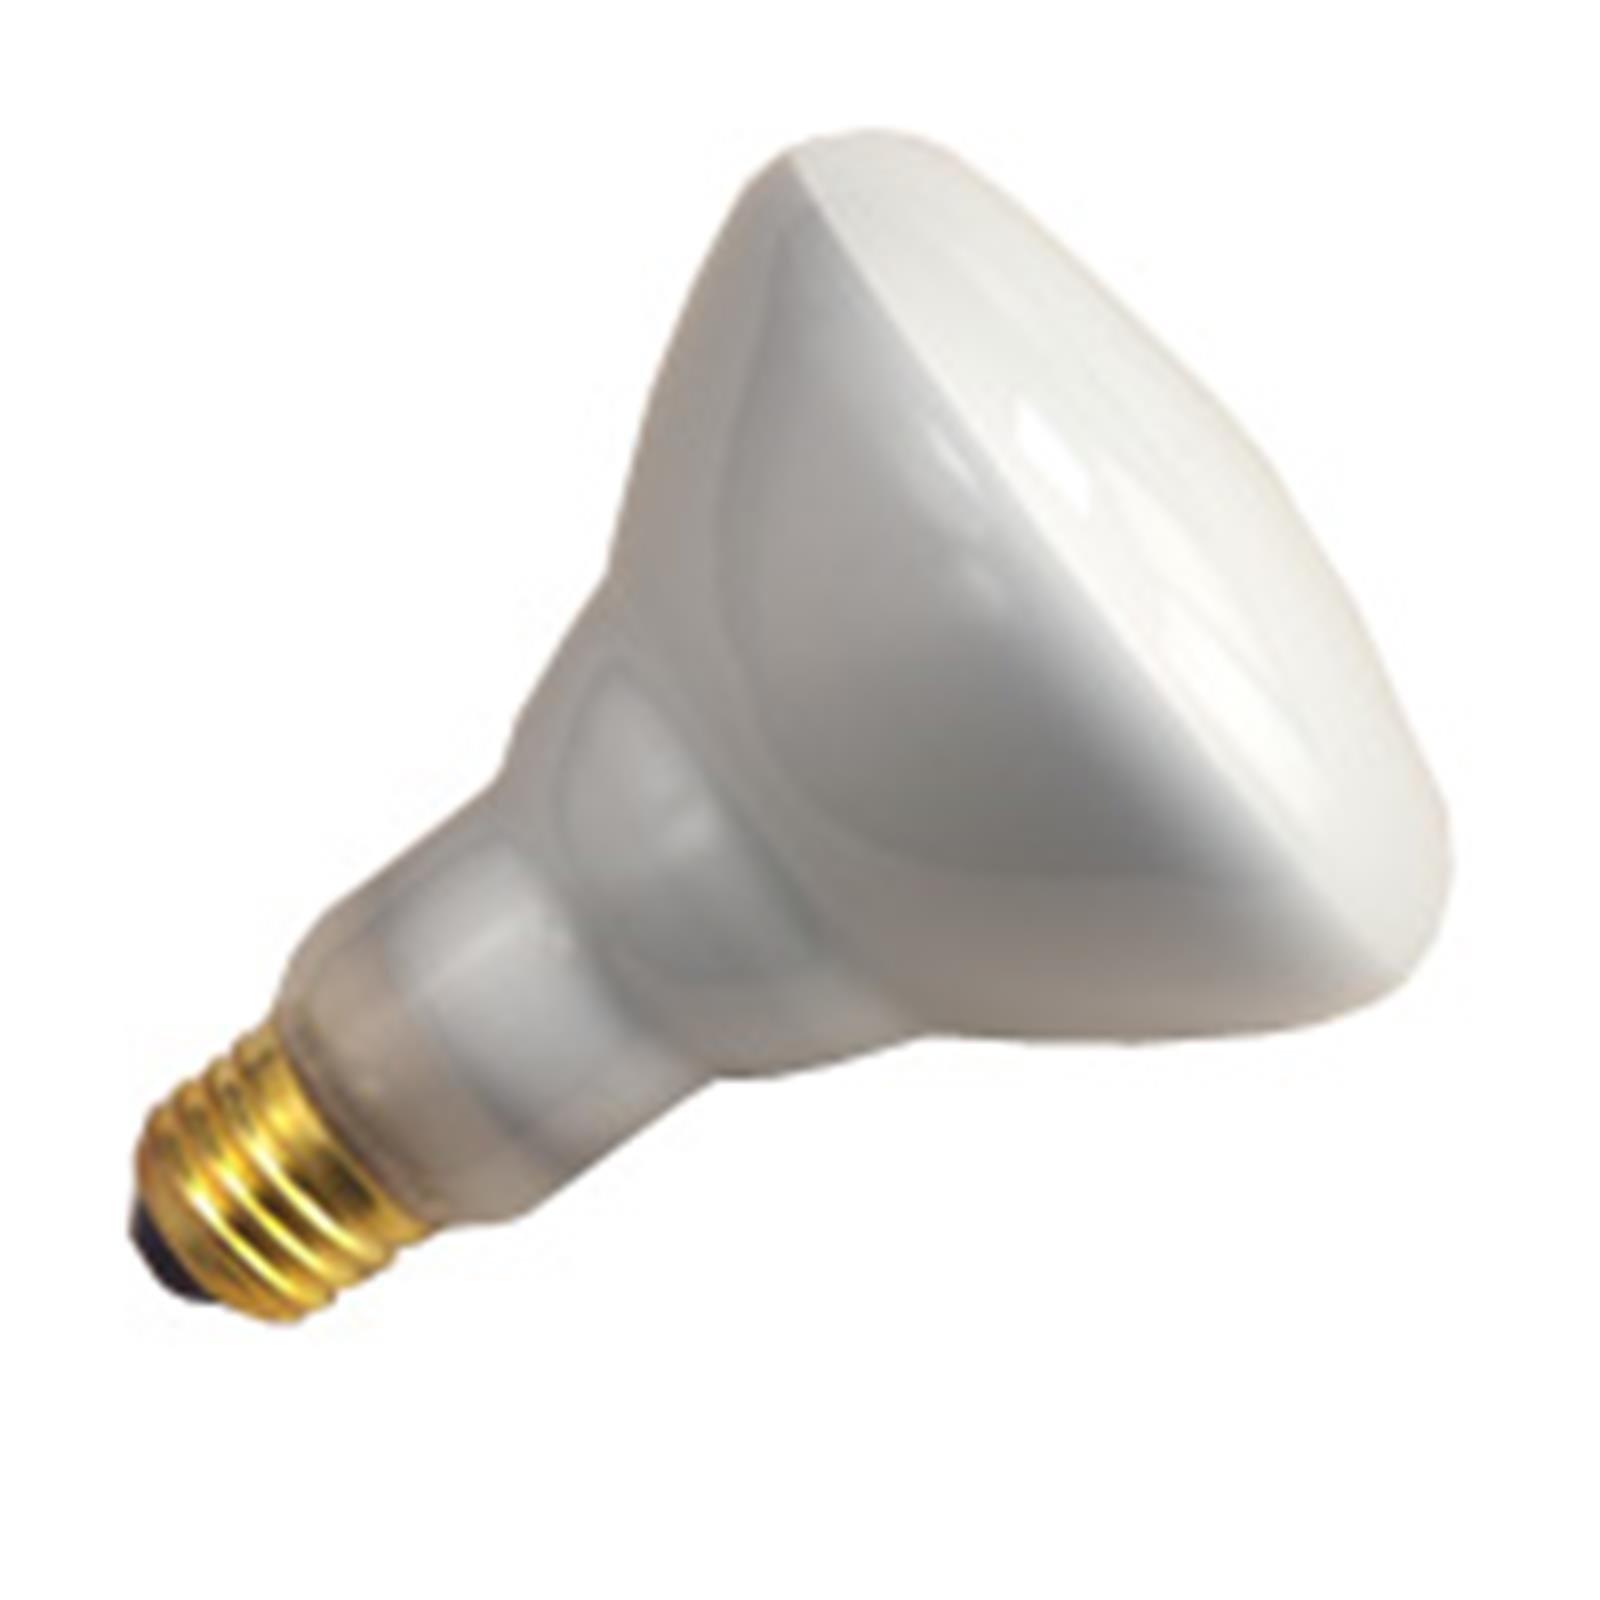 12 Qty. Halco 65W BR30 FL 130V Med 580 LUMENS 5000HR C-9 5.37''''''''MOL BR30FL65 65w 130v Incandescent Flood Lamp Bulb